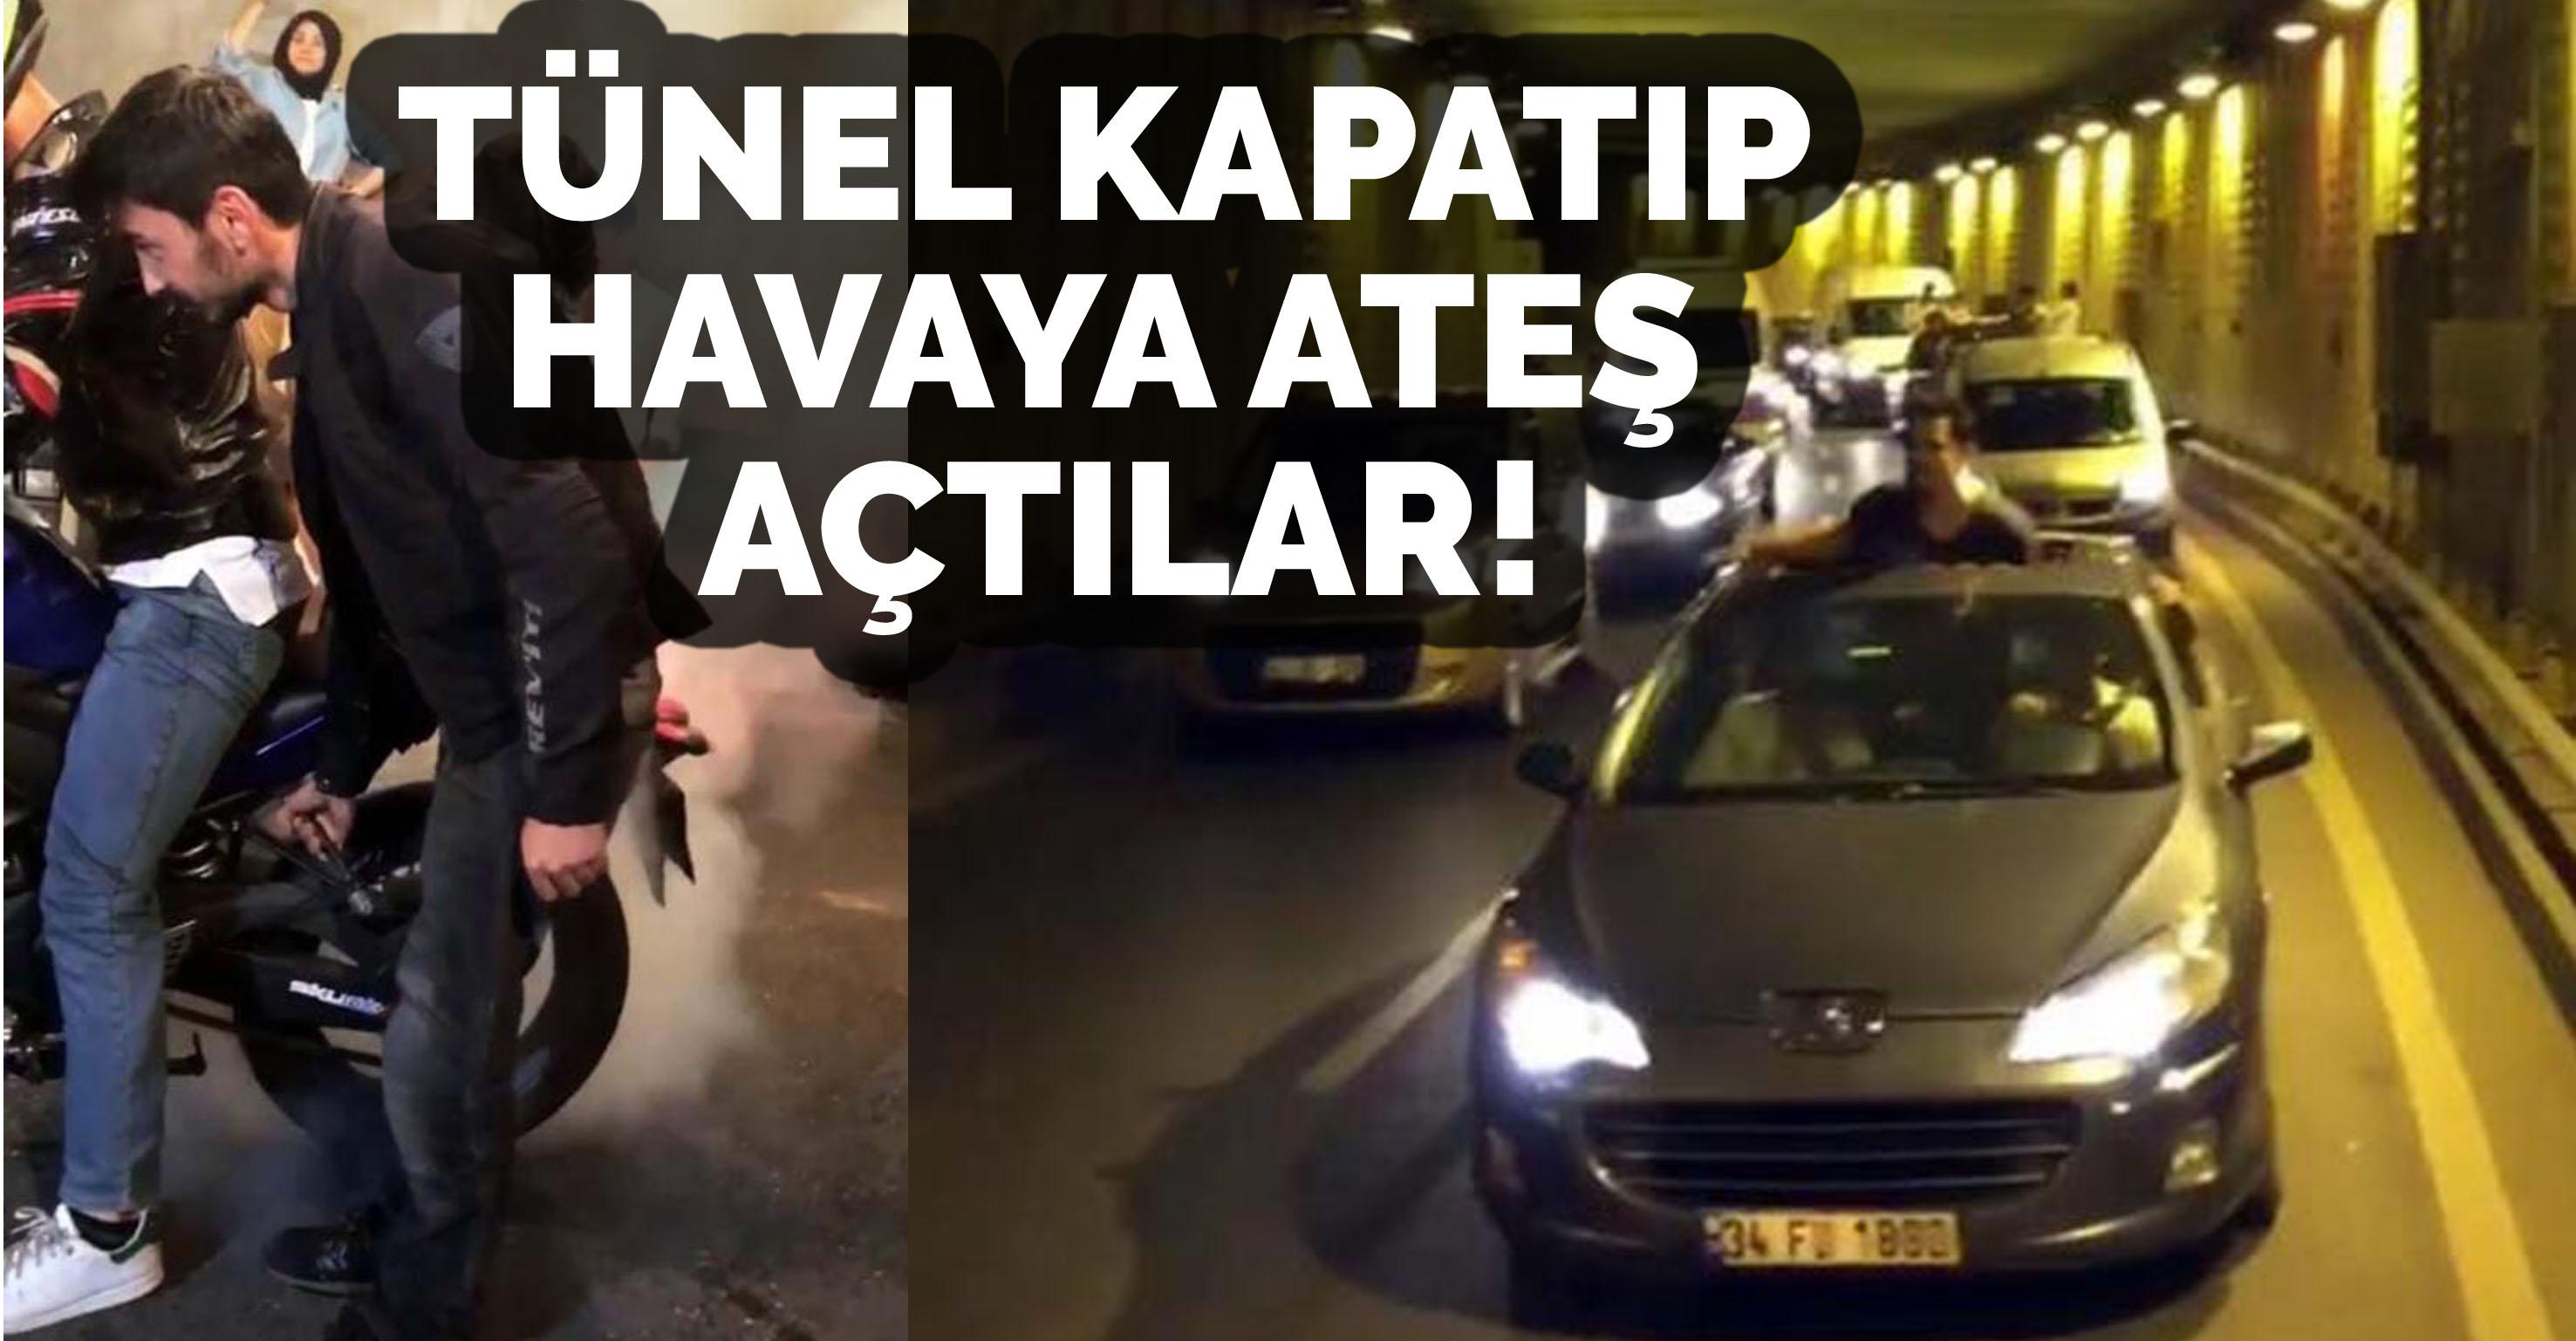 İstanbul'da şoke eden görüntüler! Tünel kapatıp havaya ateş açtılar…